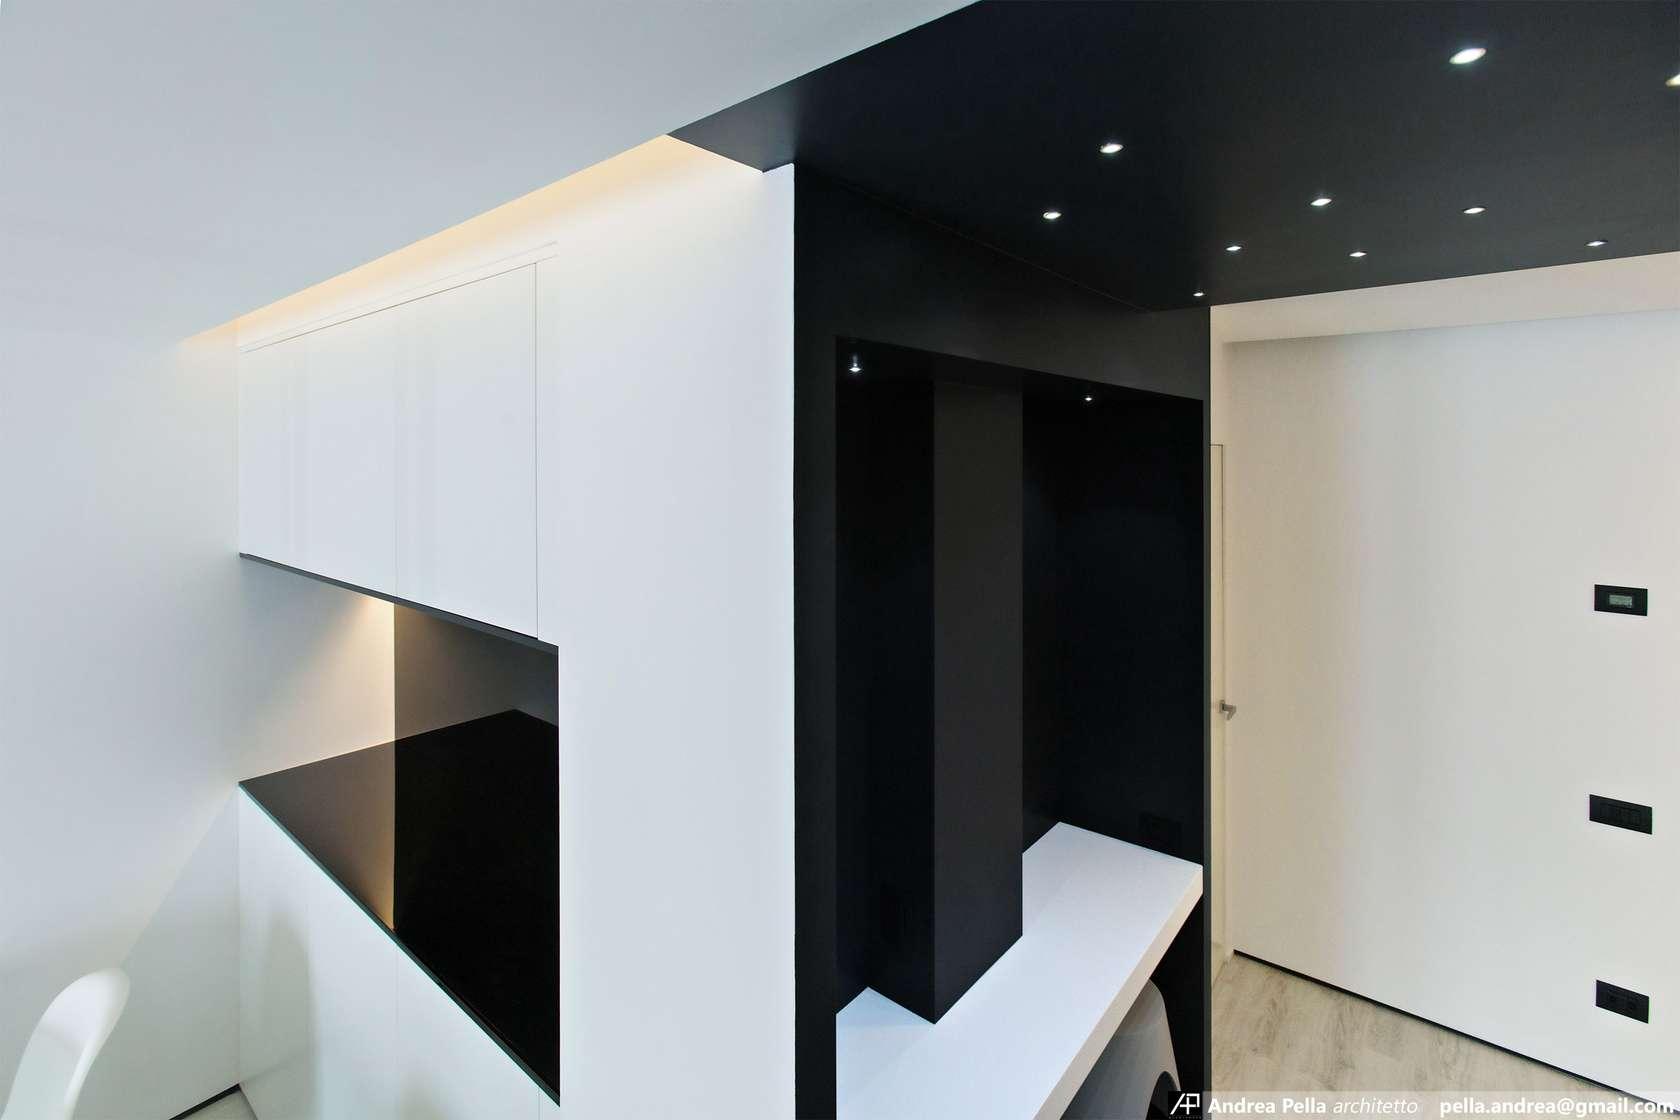 малък апартамент в минималистичен стил - 7